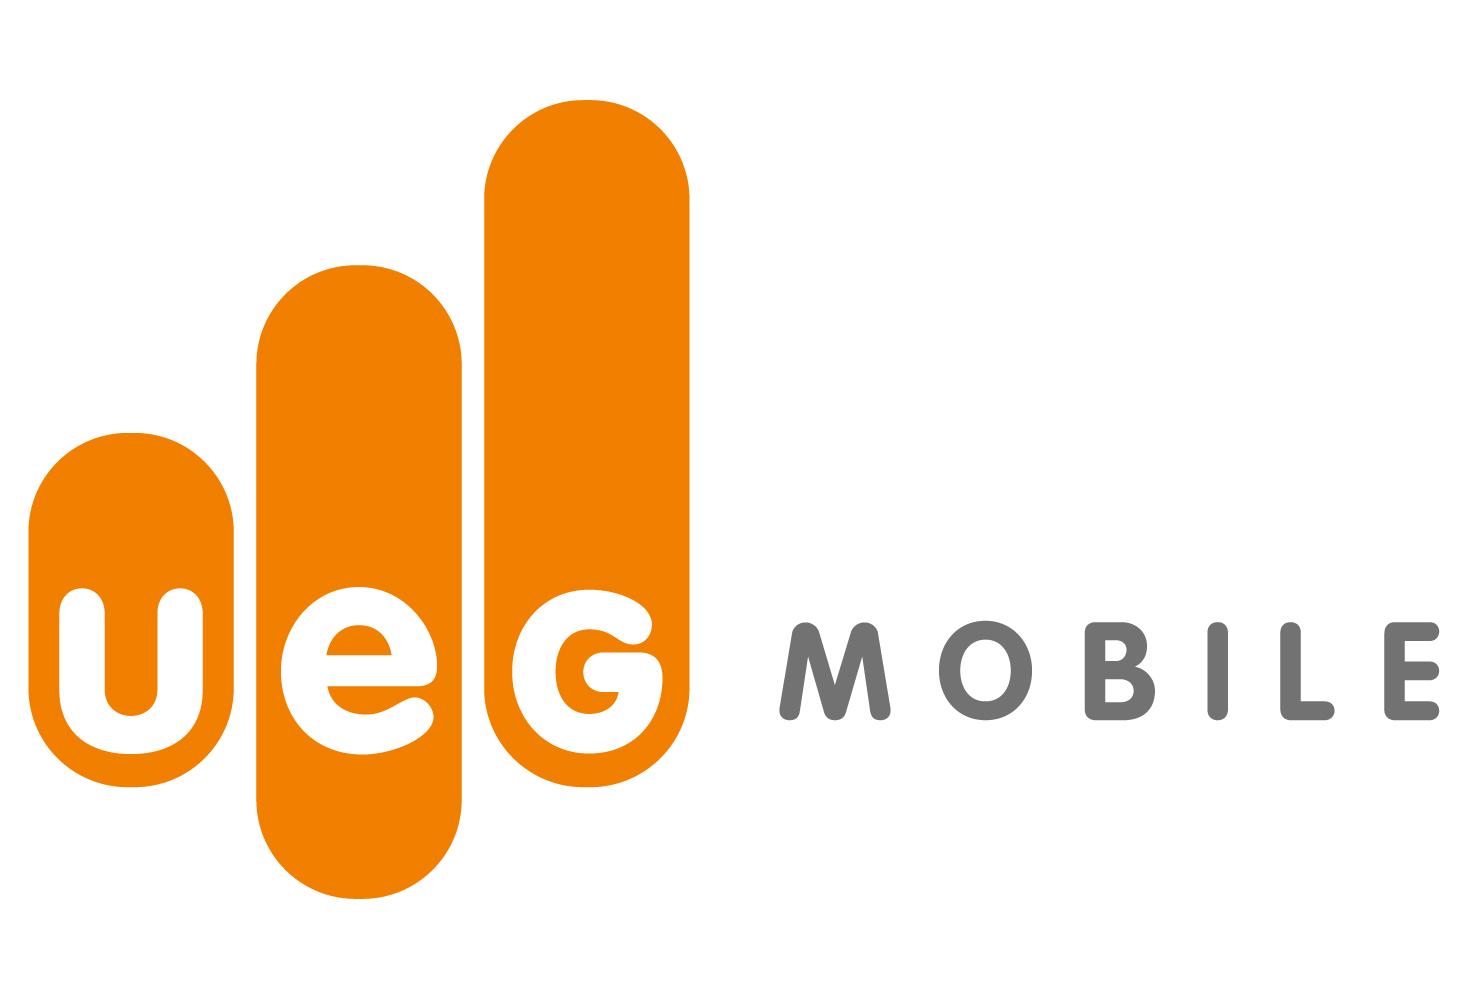 UEG Mobile